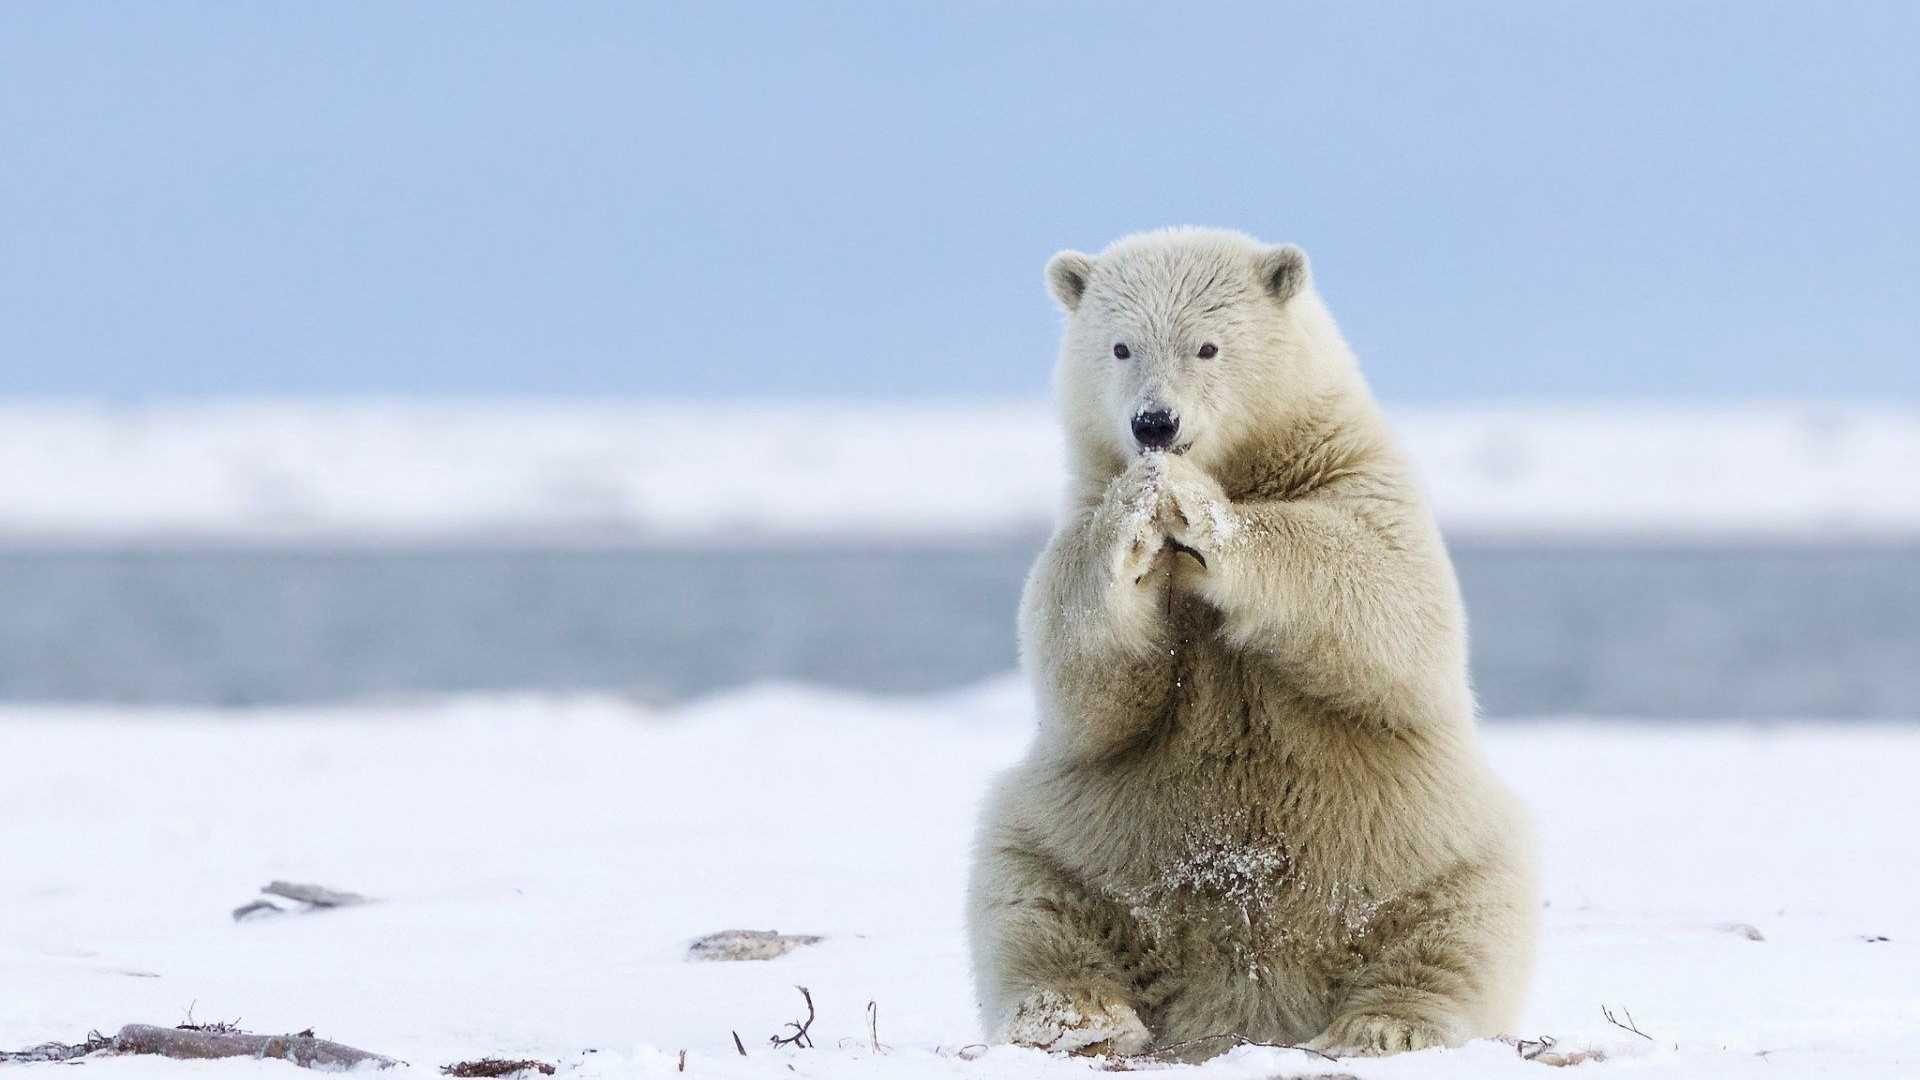 polar bear wallpaper high quality | animals wallpapers | pinterest